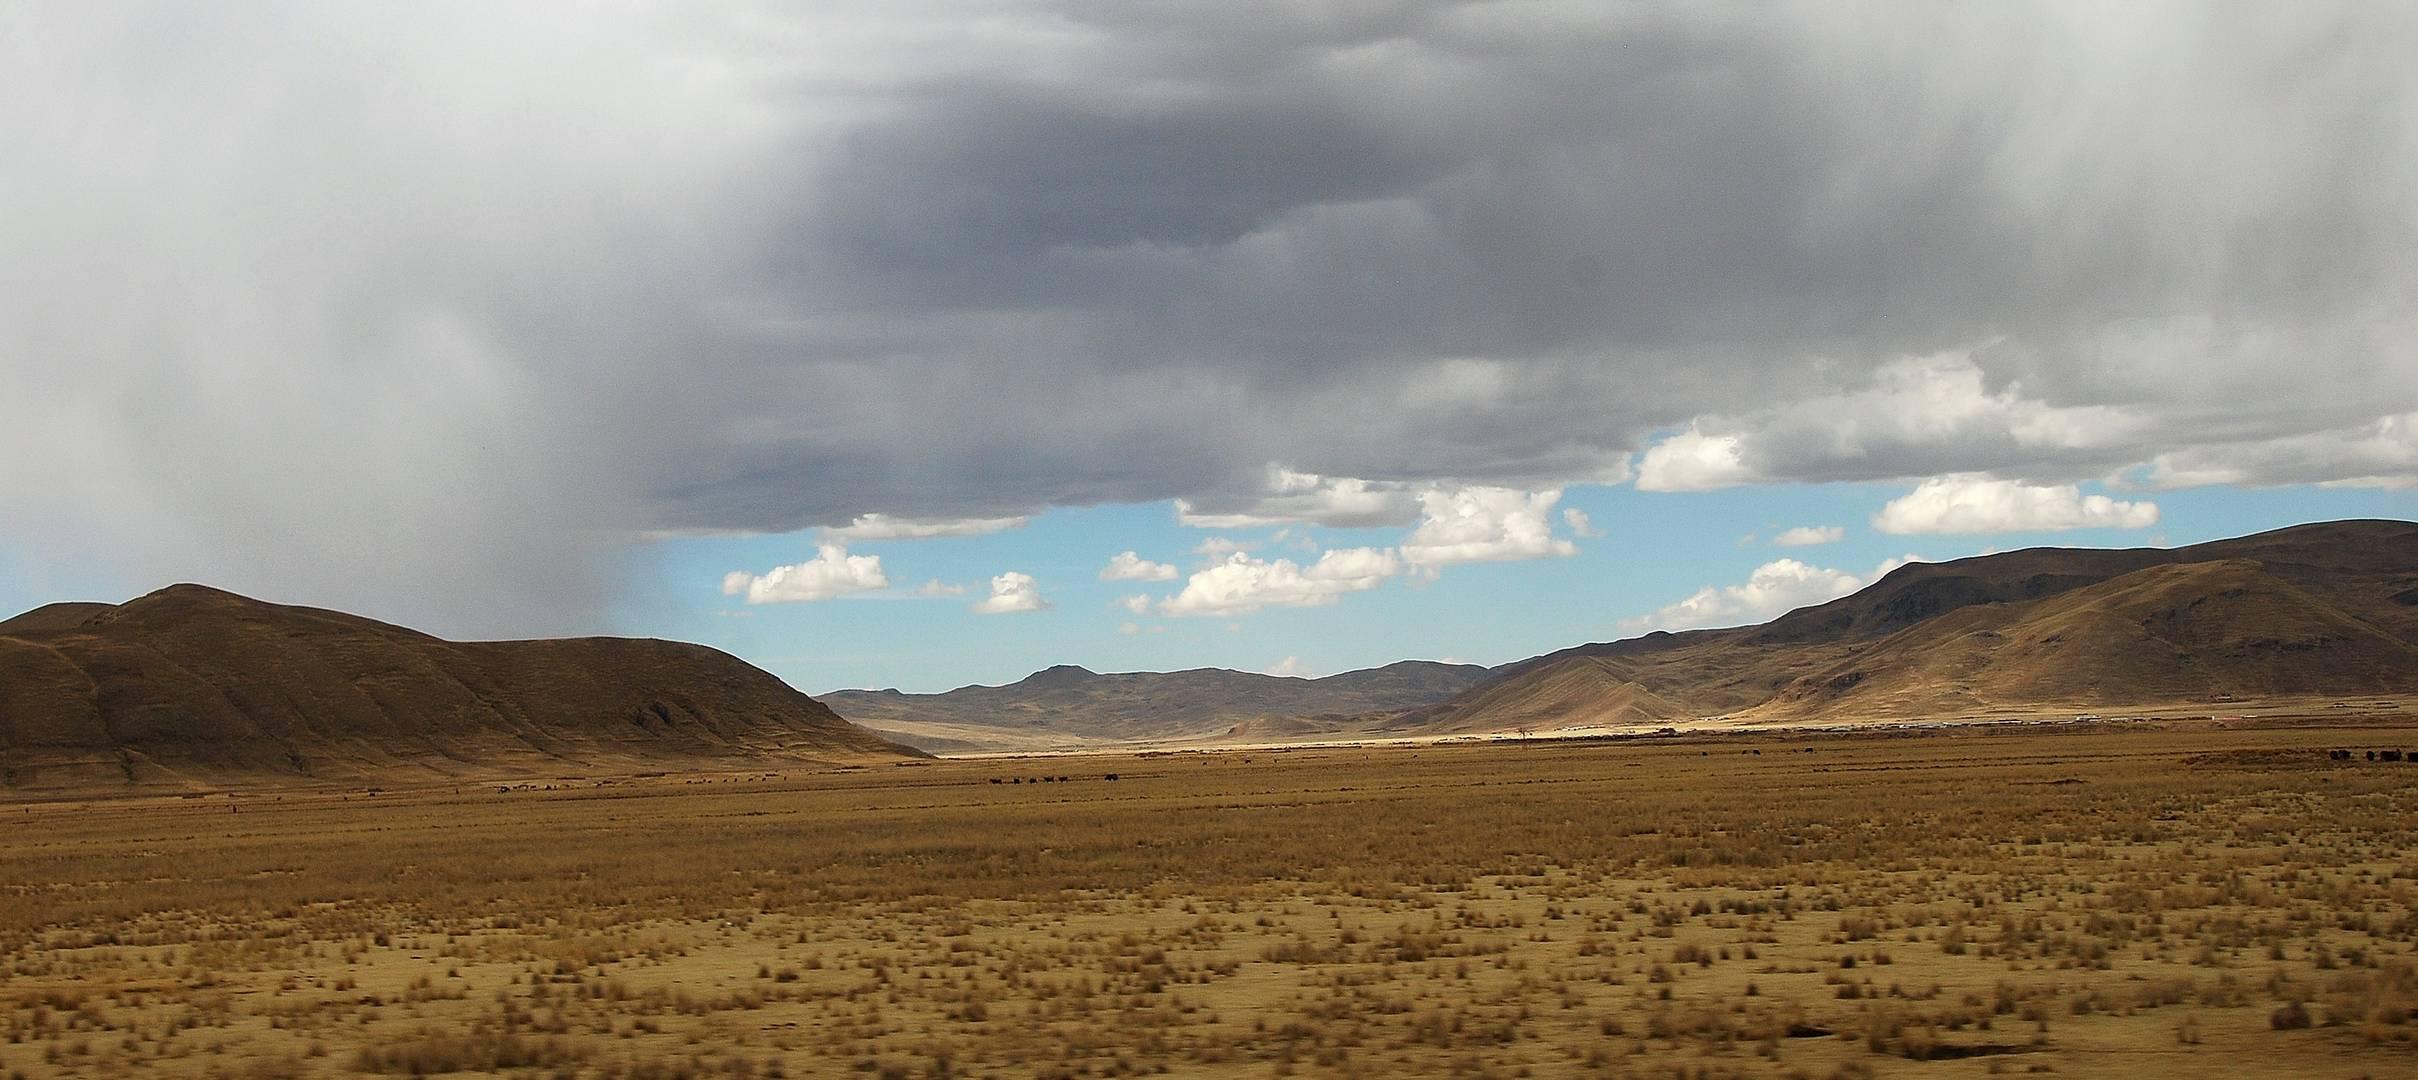 l'altiplano péruvien